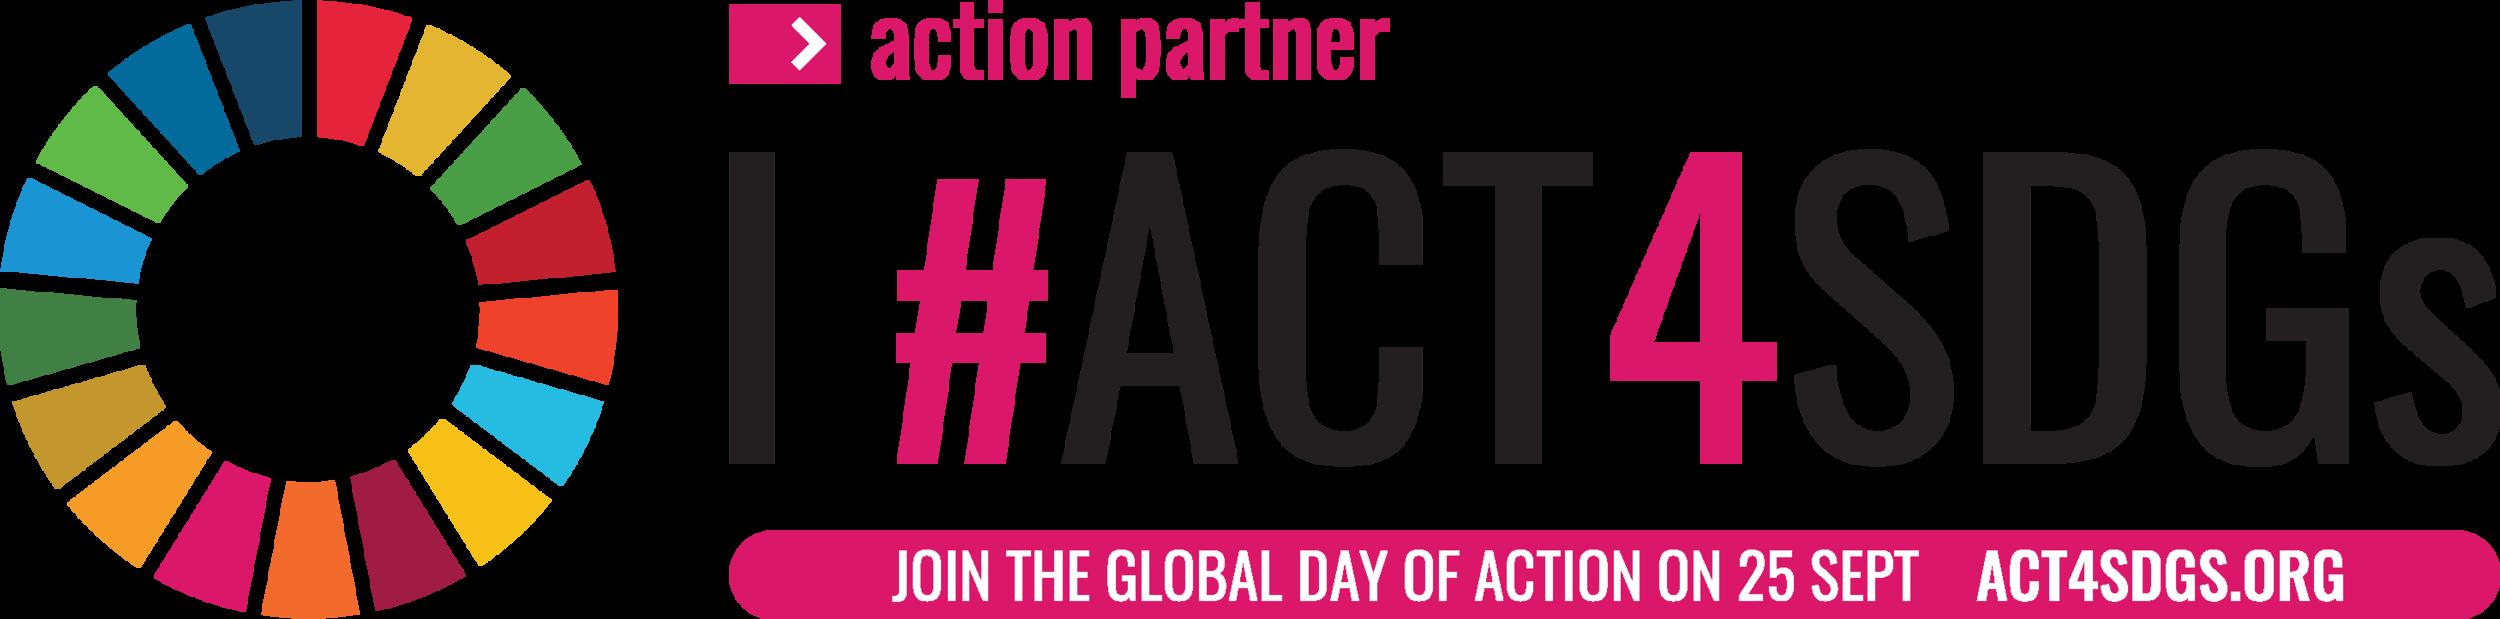 action_partner_I_Act4sdgs_17colors_positive_color10.png